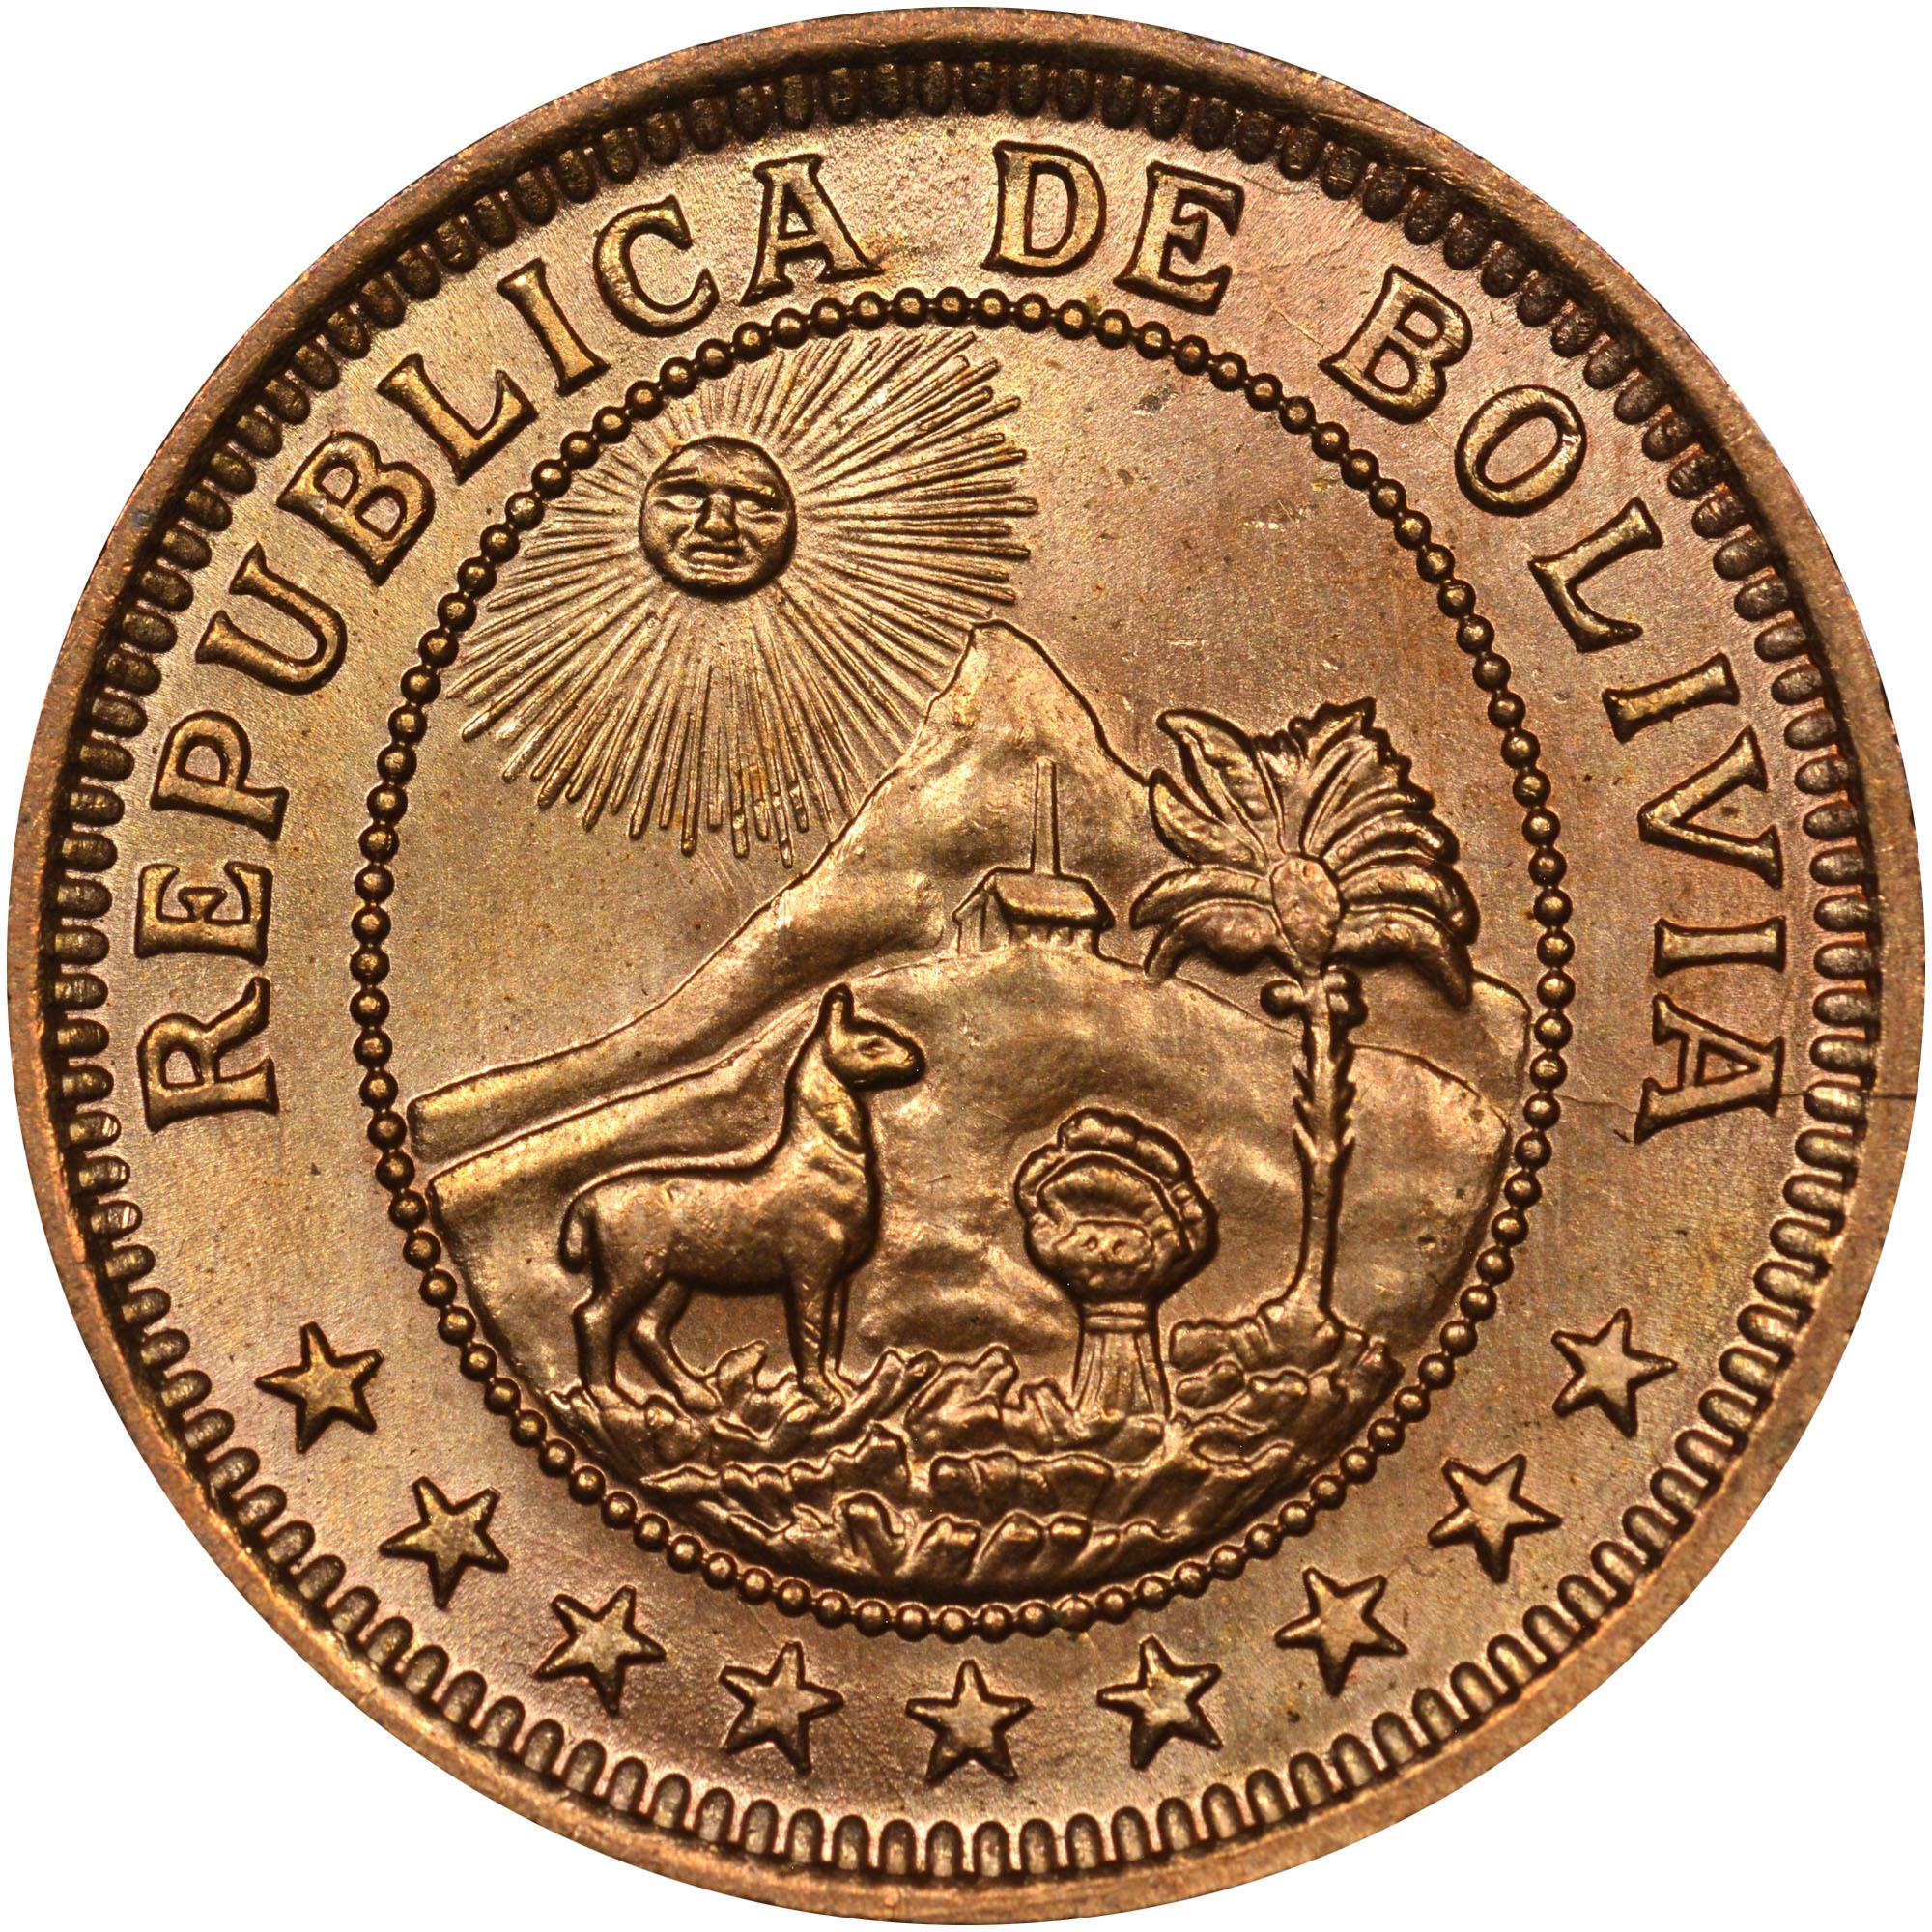 Bolivia Boliviano obverse